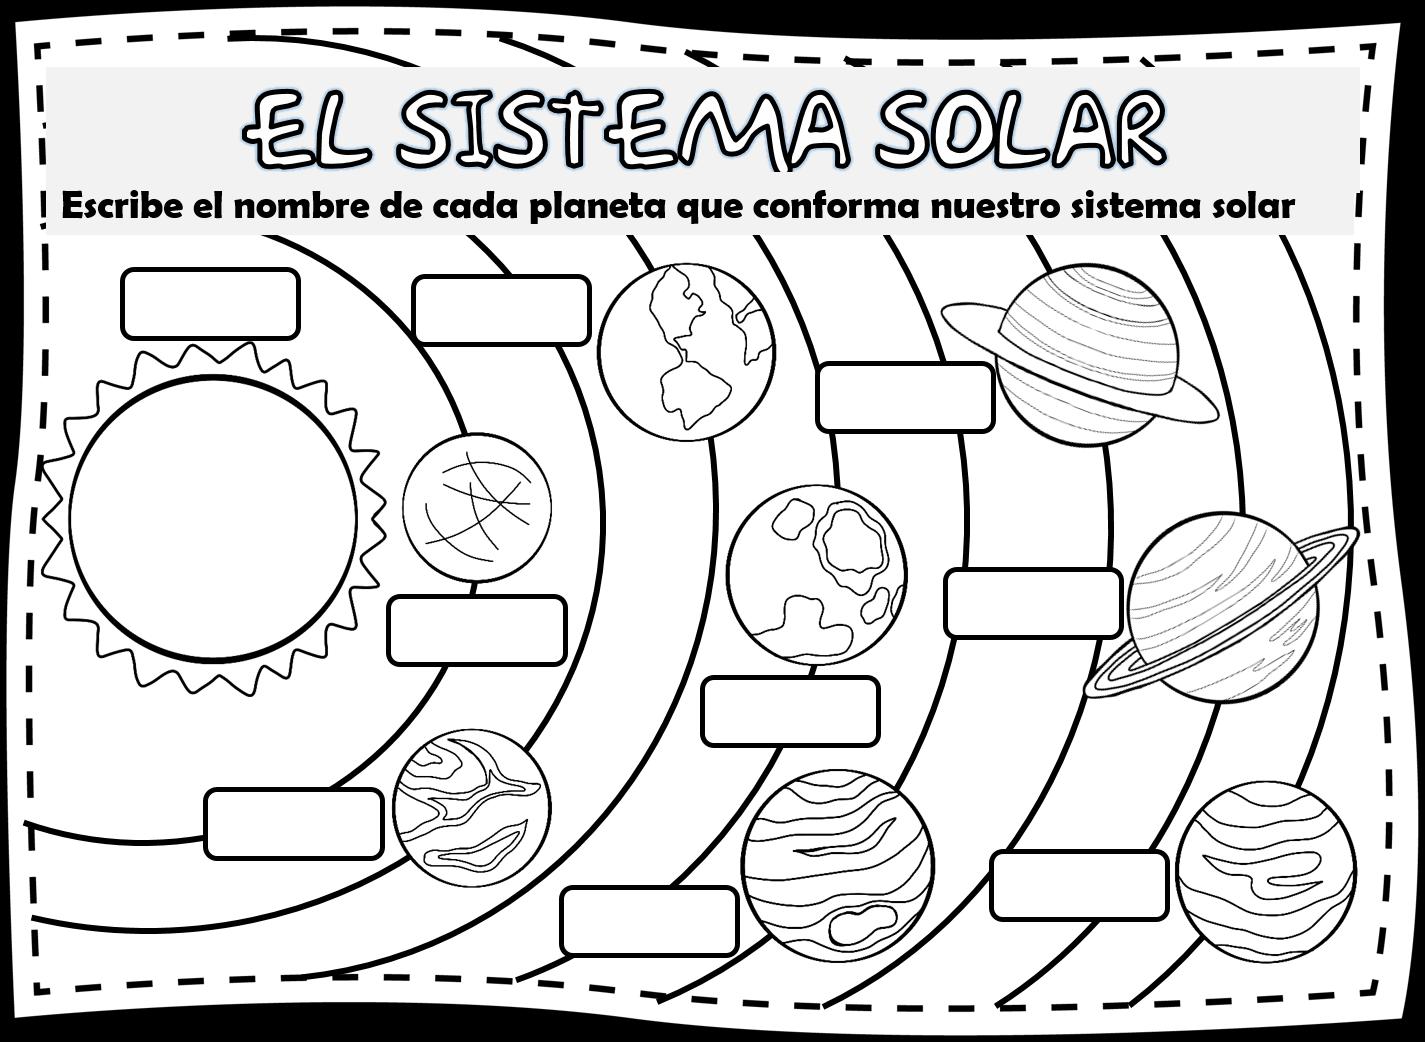 Dibujos Para Colorear Del Sistema Solar: Imagenes De Los Planetas Del Sistema Solar, Para Niños